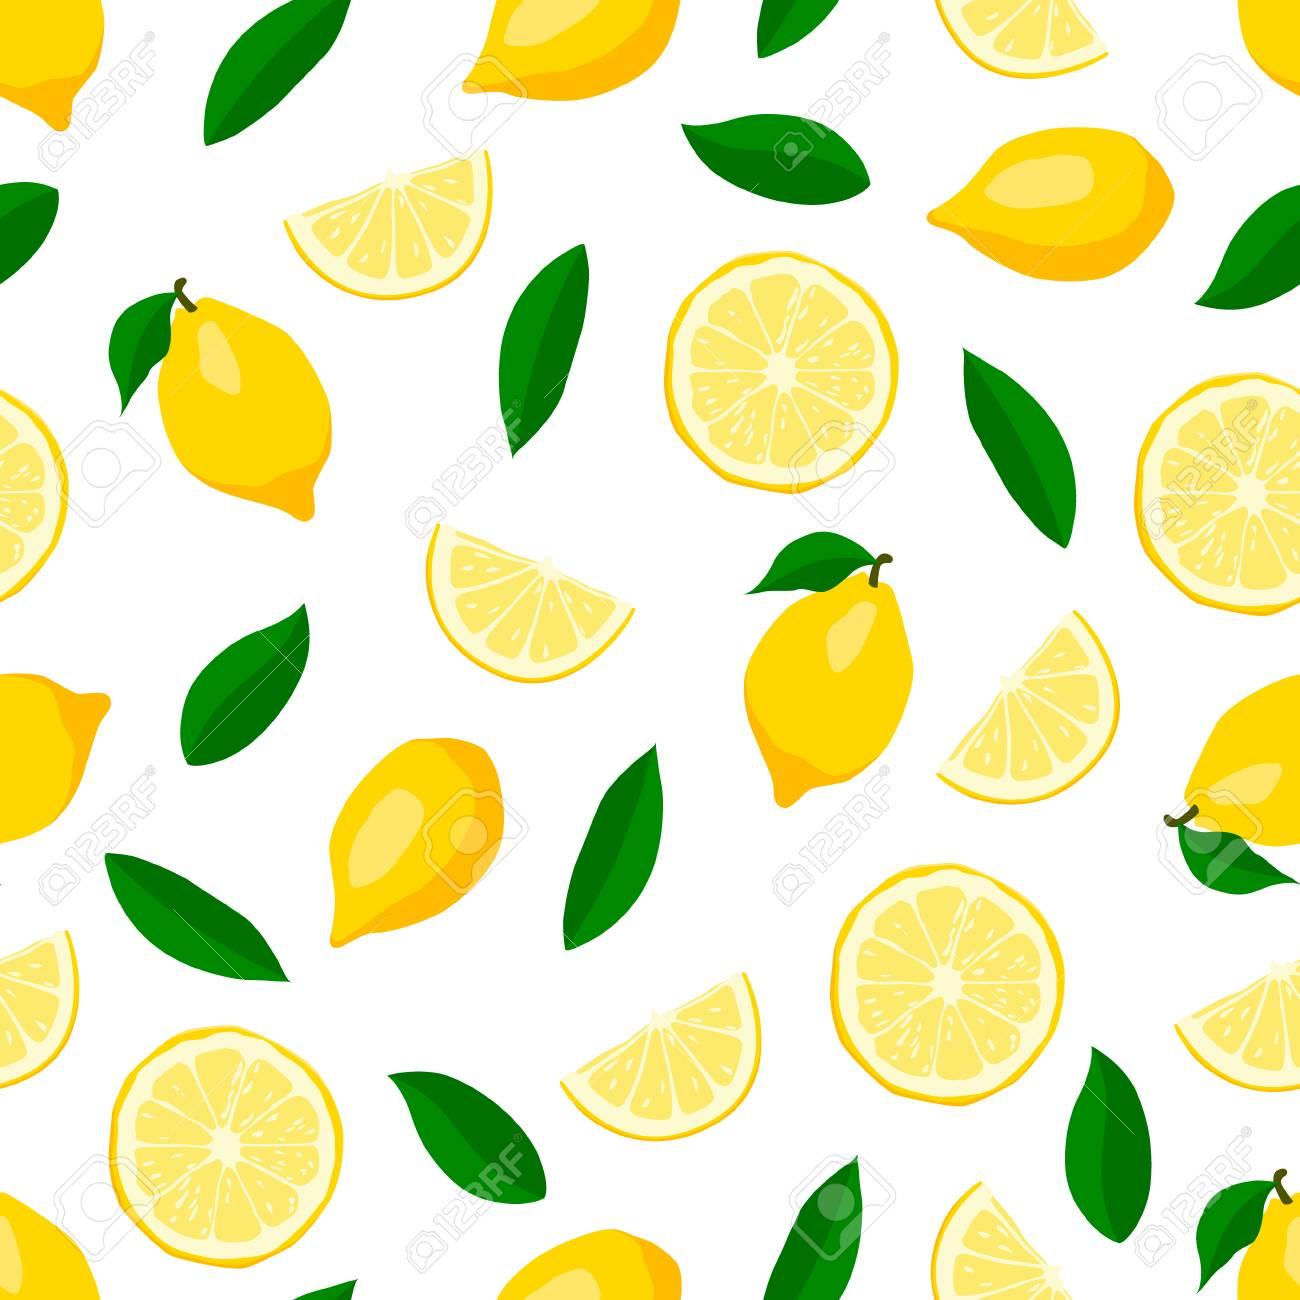 かわいいレモンのシームレスなパターンのイラスト素材ベクタ Image